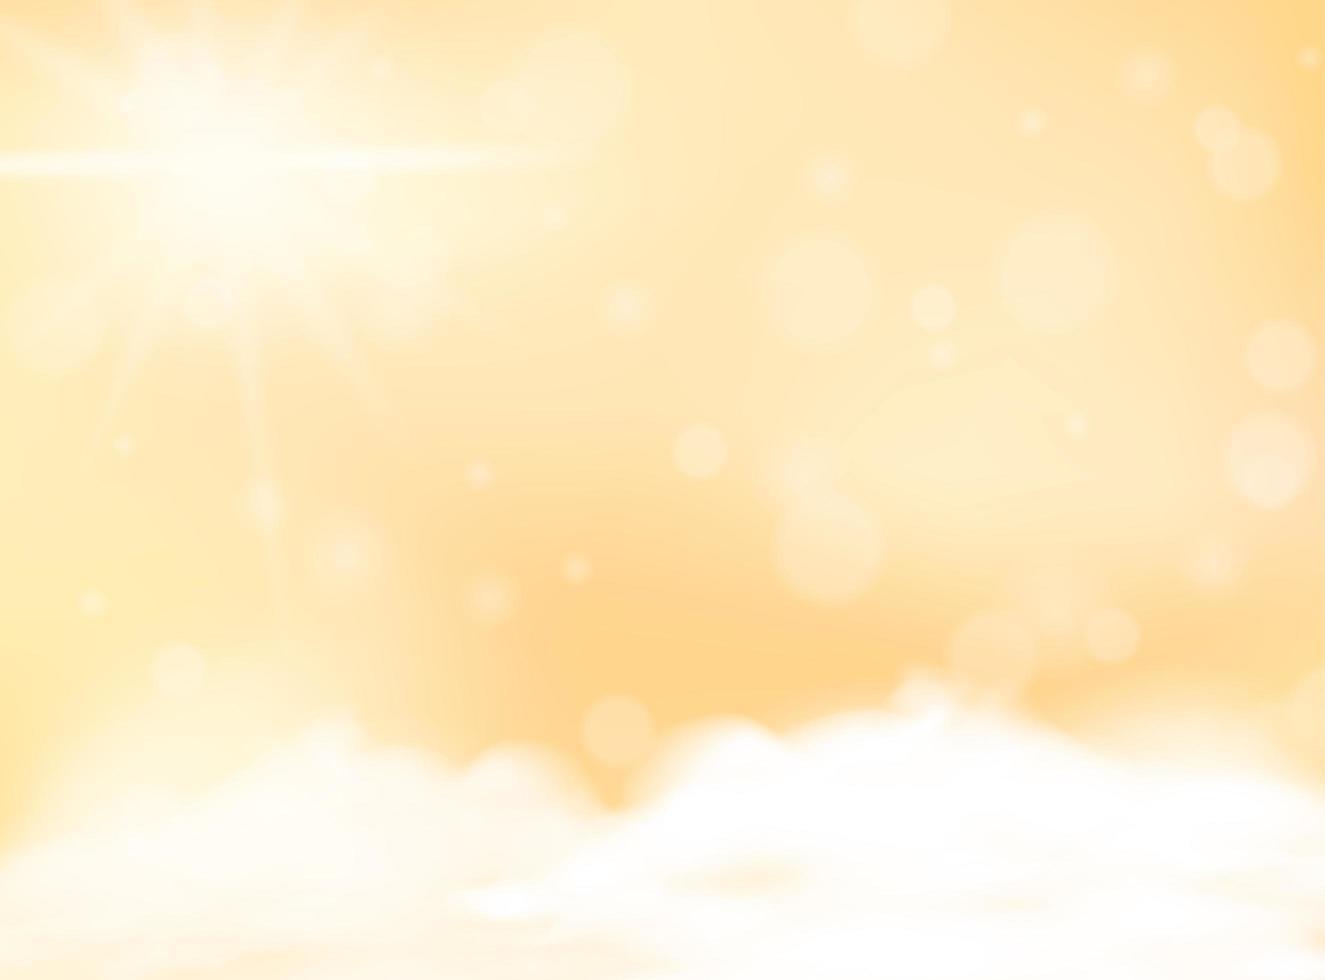 gele pastel kleur wazig achtergrond lege sjabloon vector